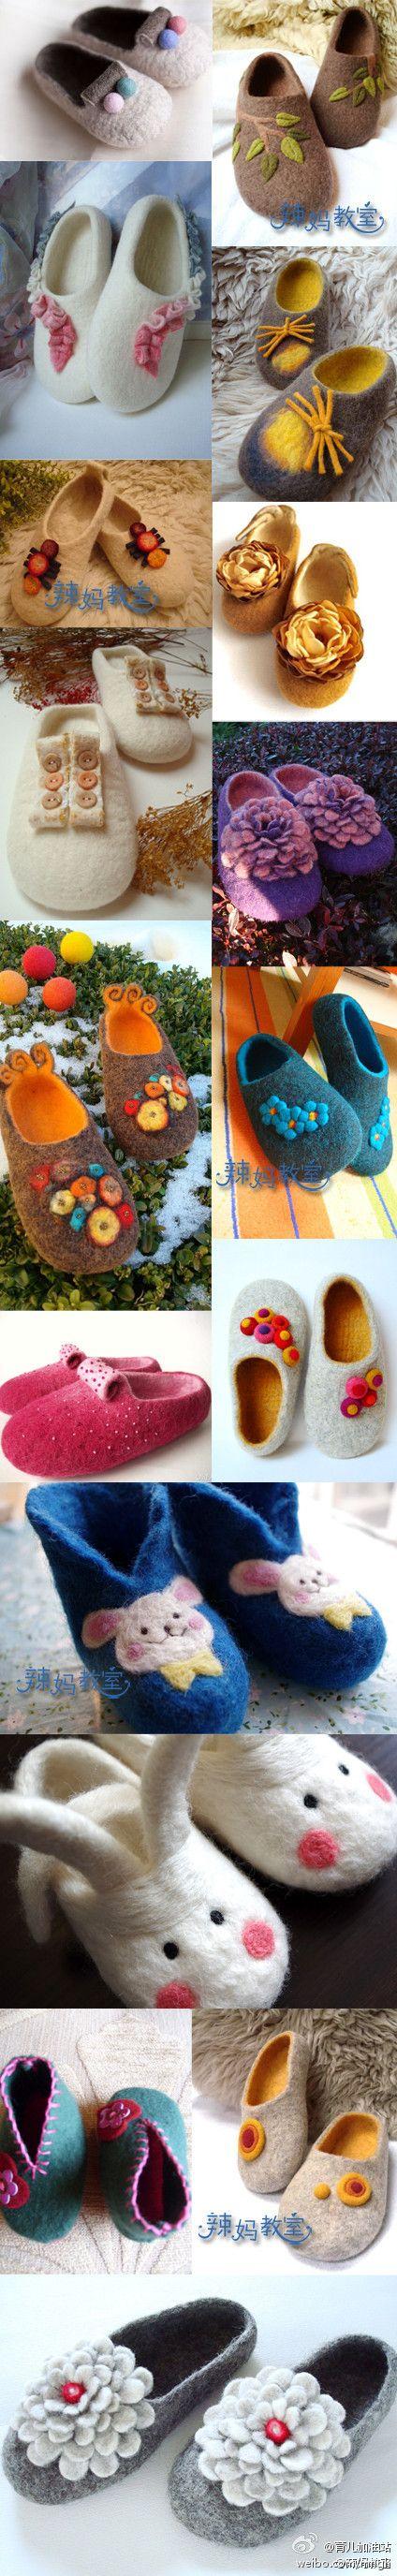 Wool felt shoes